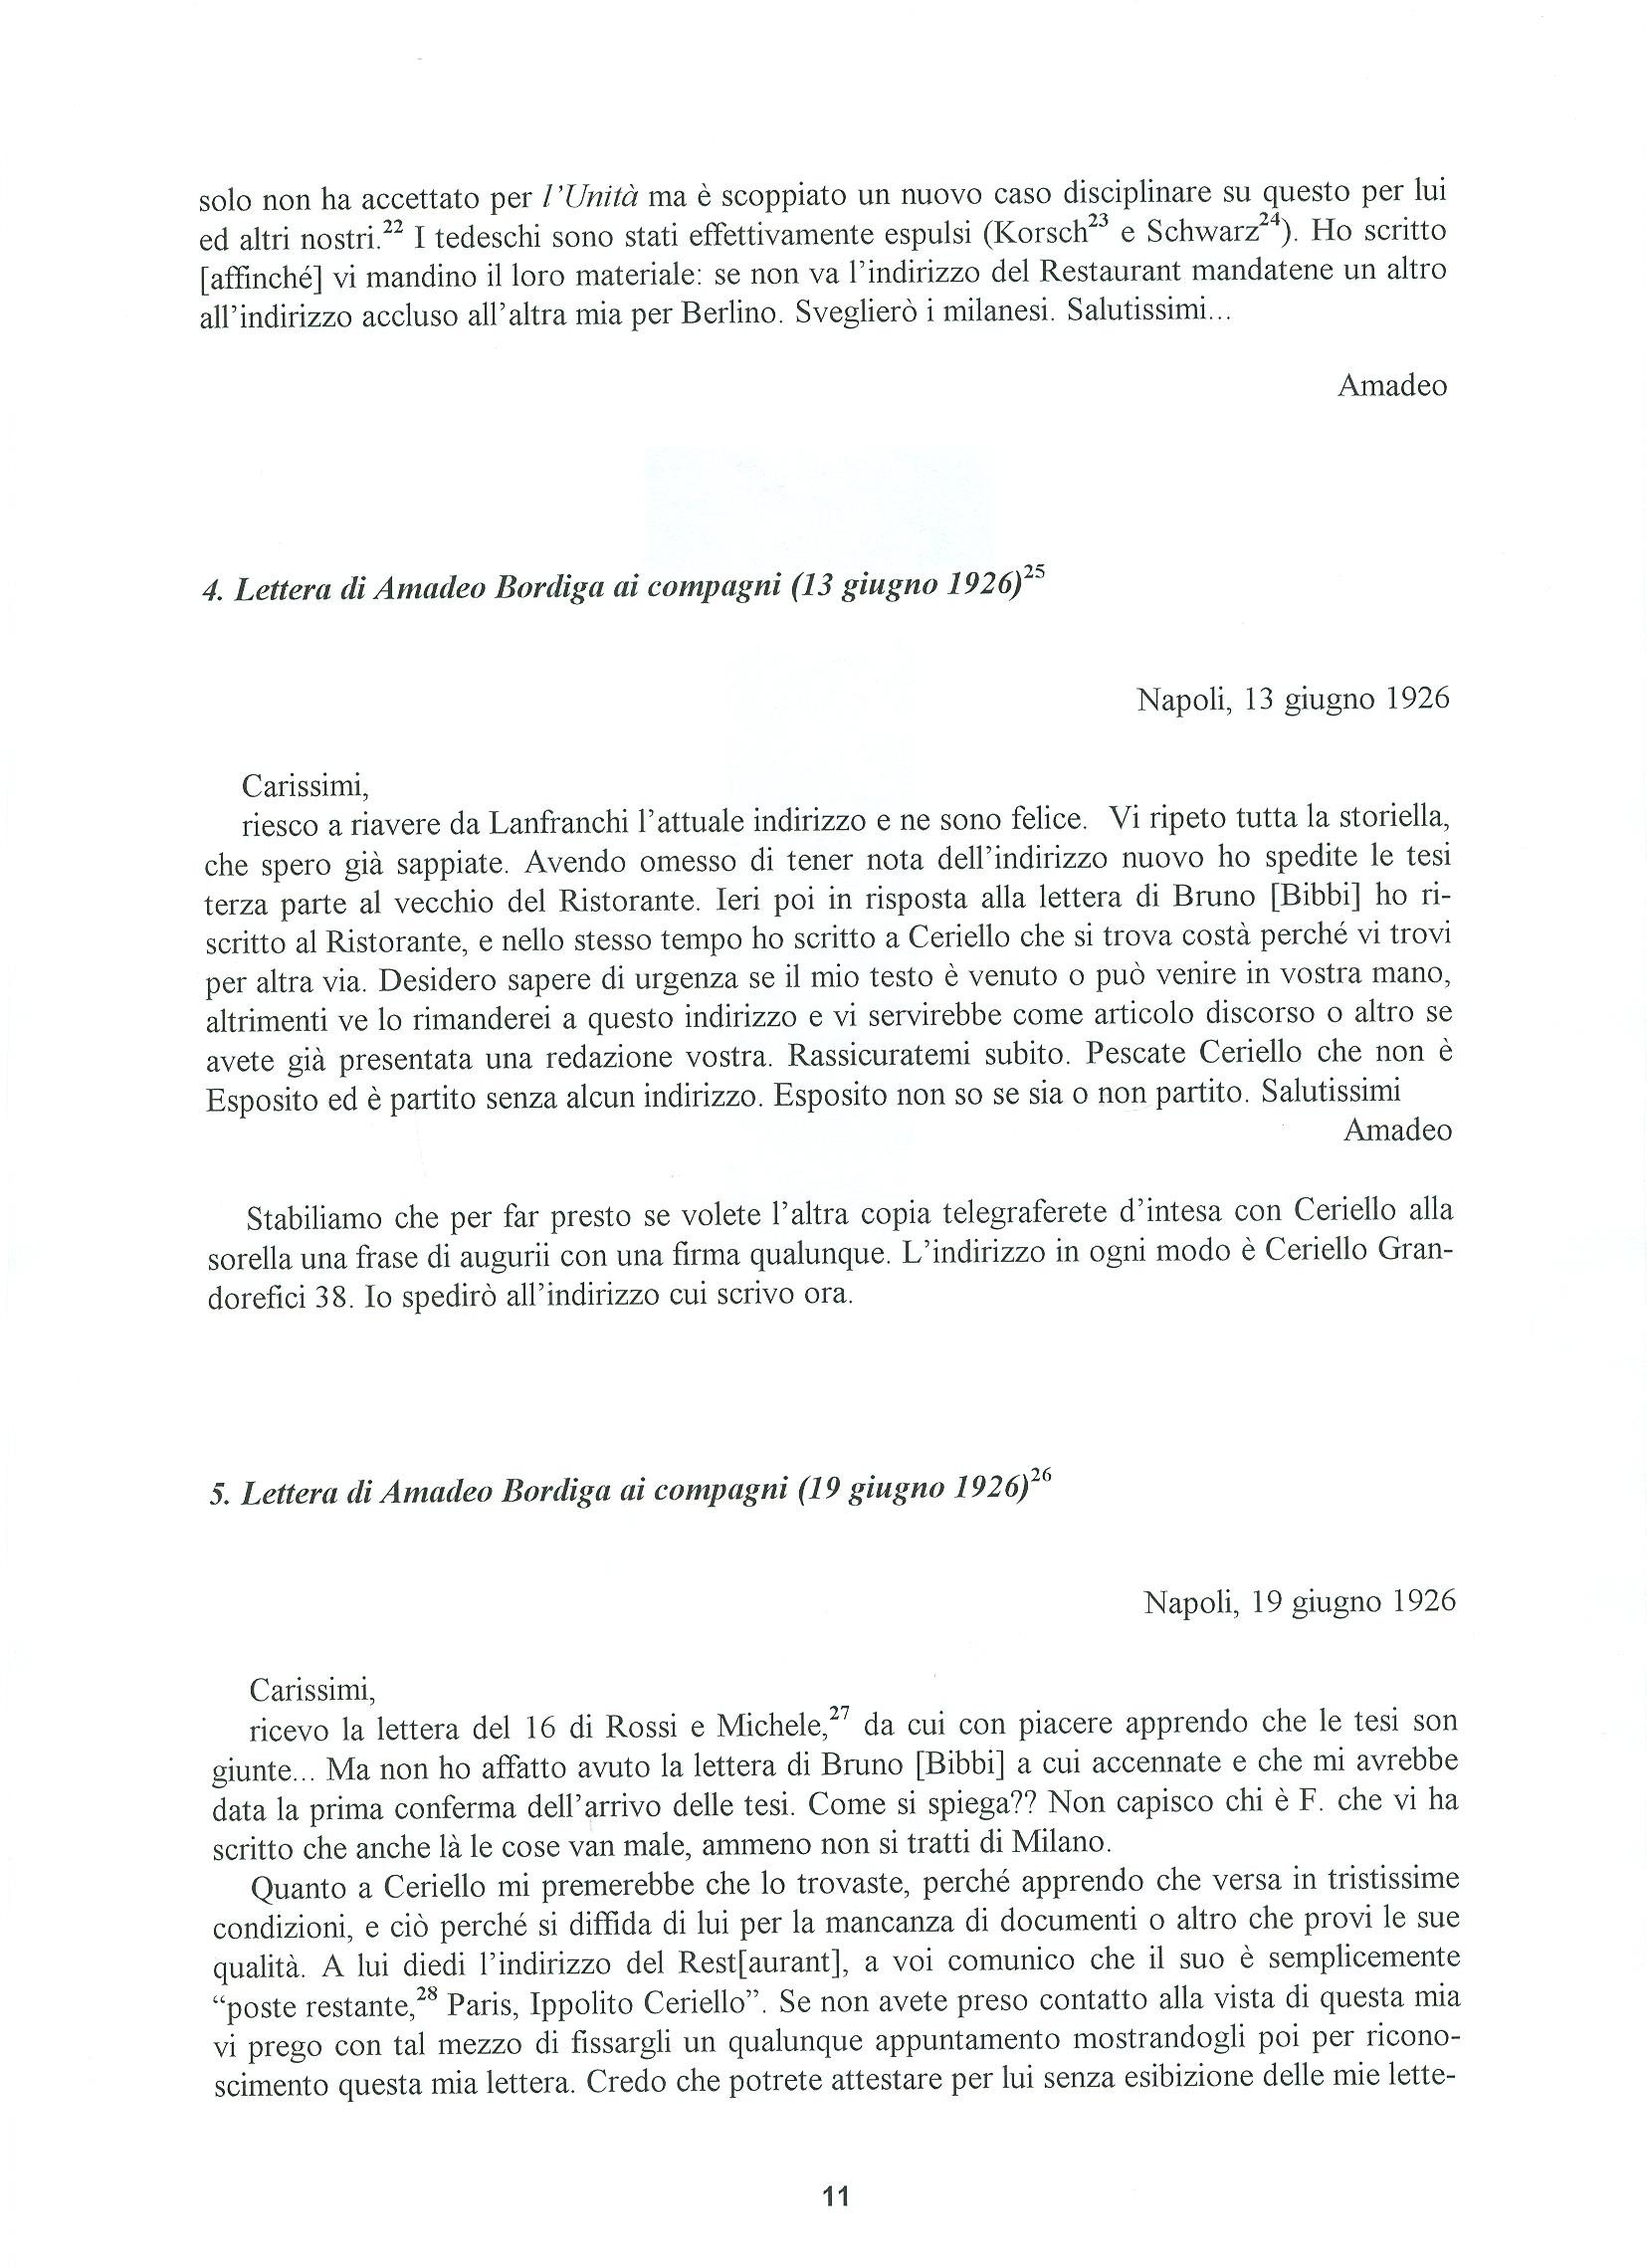 Quaderni del Centro Studi Pietro Tresso (1996-2009) n. 14 (novembre 1998) - pag. 12